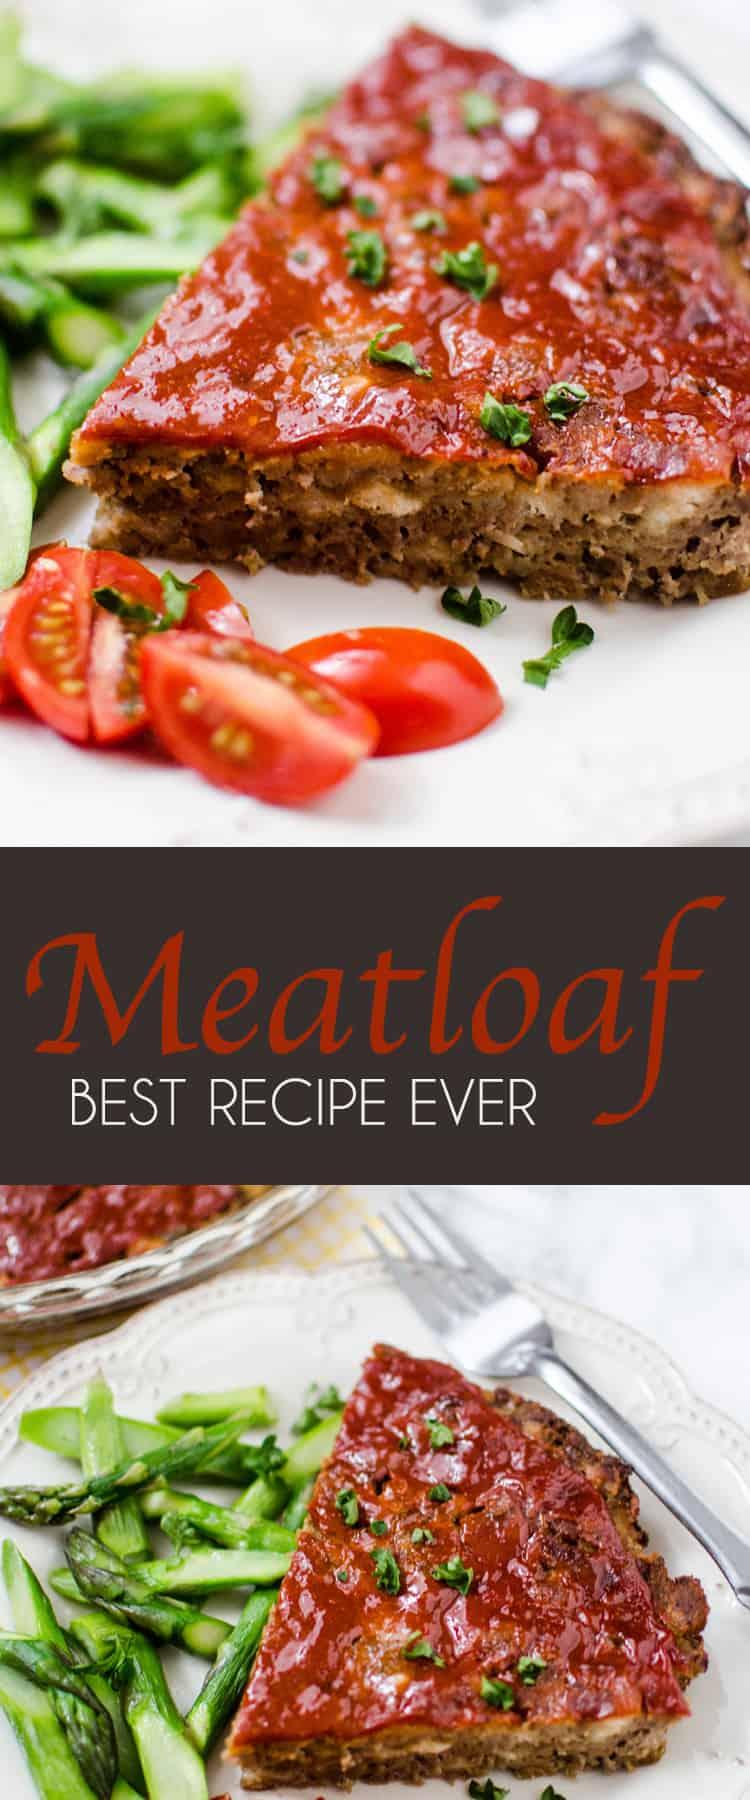 Best Meatloaf Recipe Ever